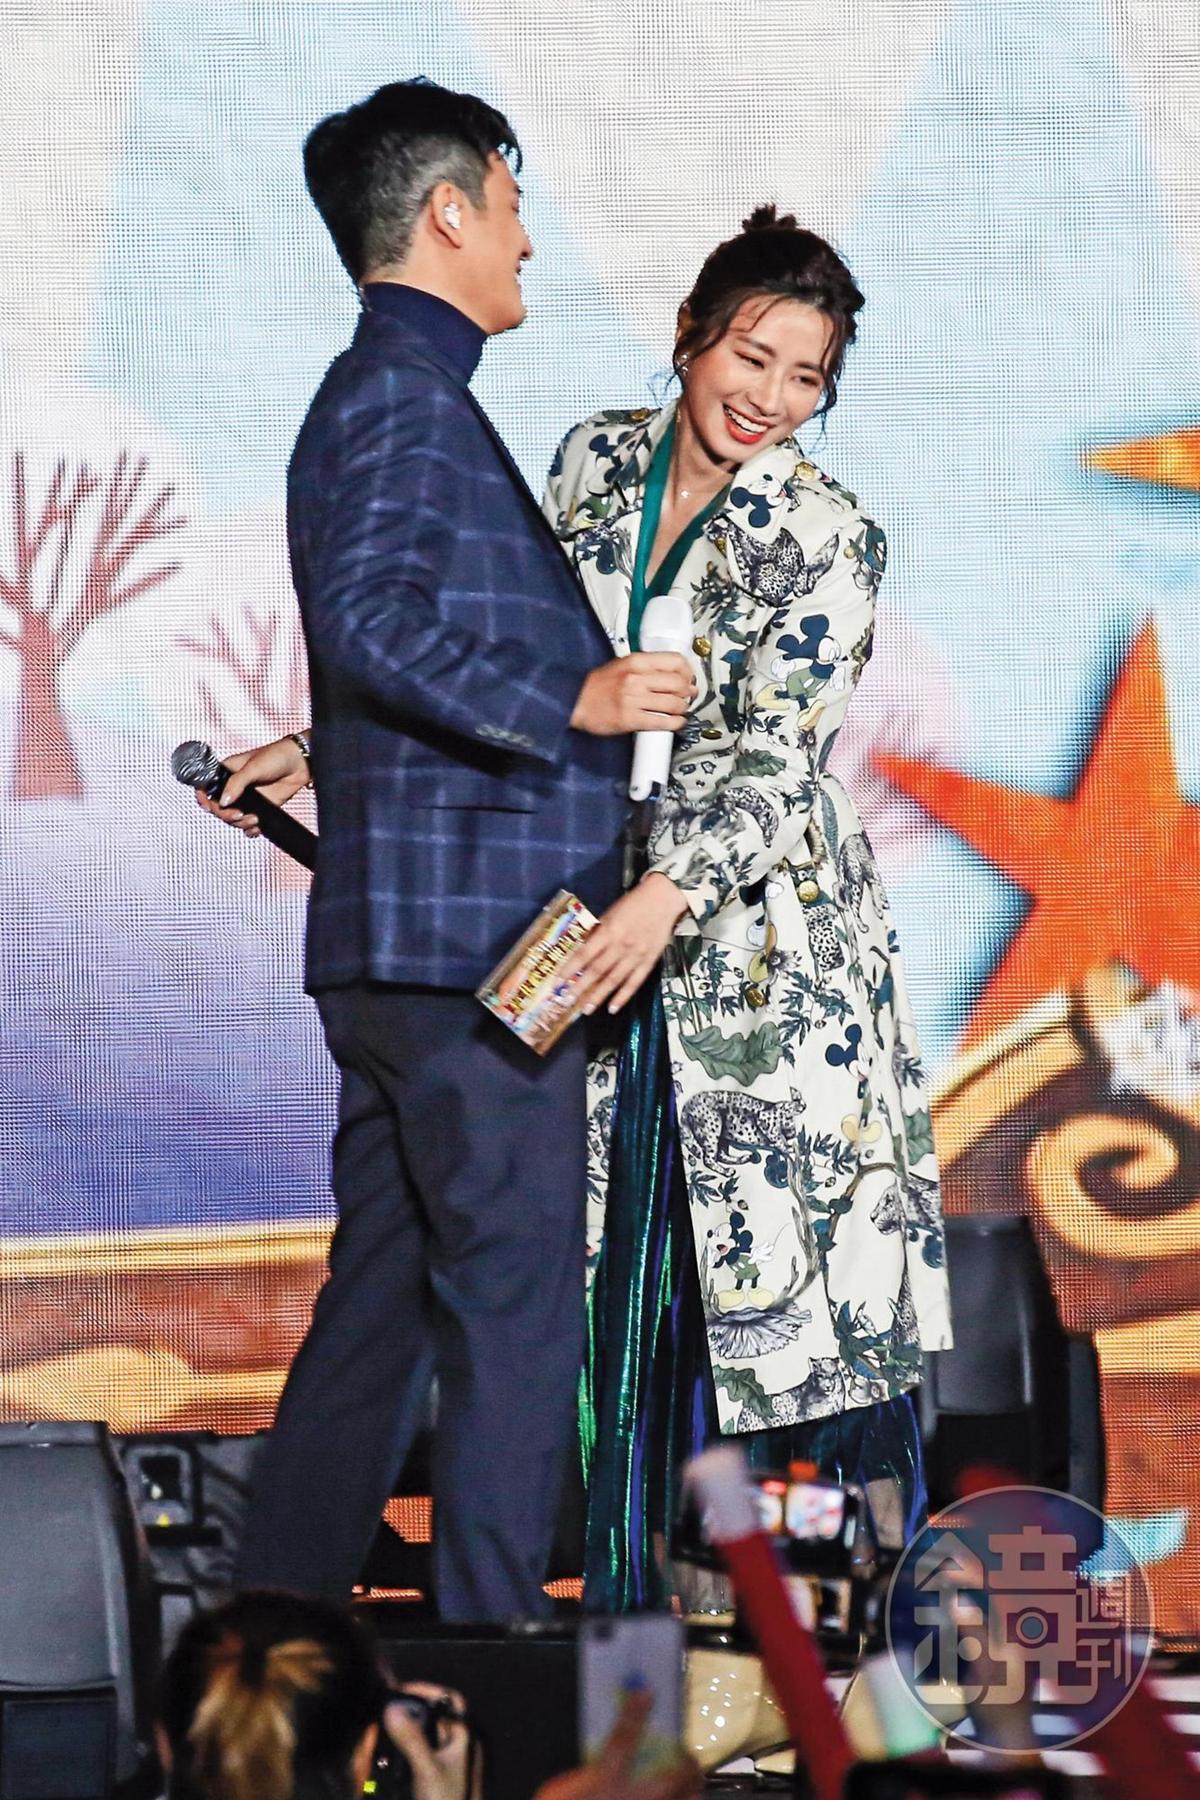 周興哲(小圖)與趙岱新傳出分手後2個月,在新北歡樂耶誕城巨星演唱會重逢,兩人雖相擁卻略顯尷尬。